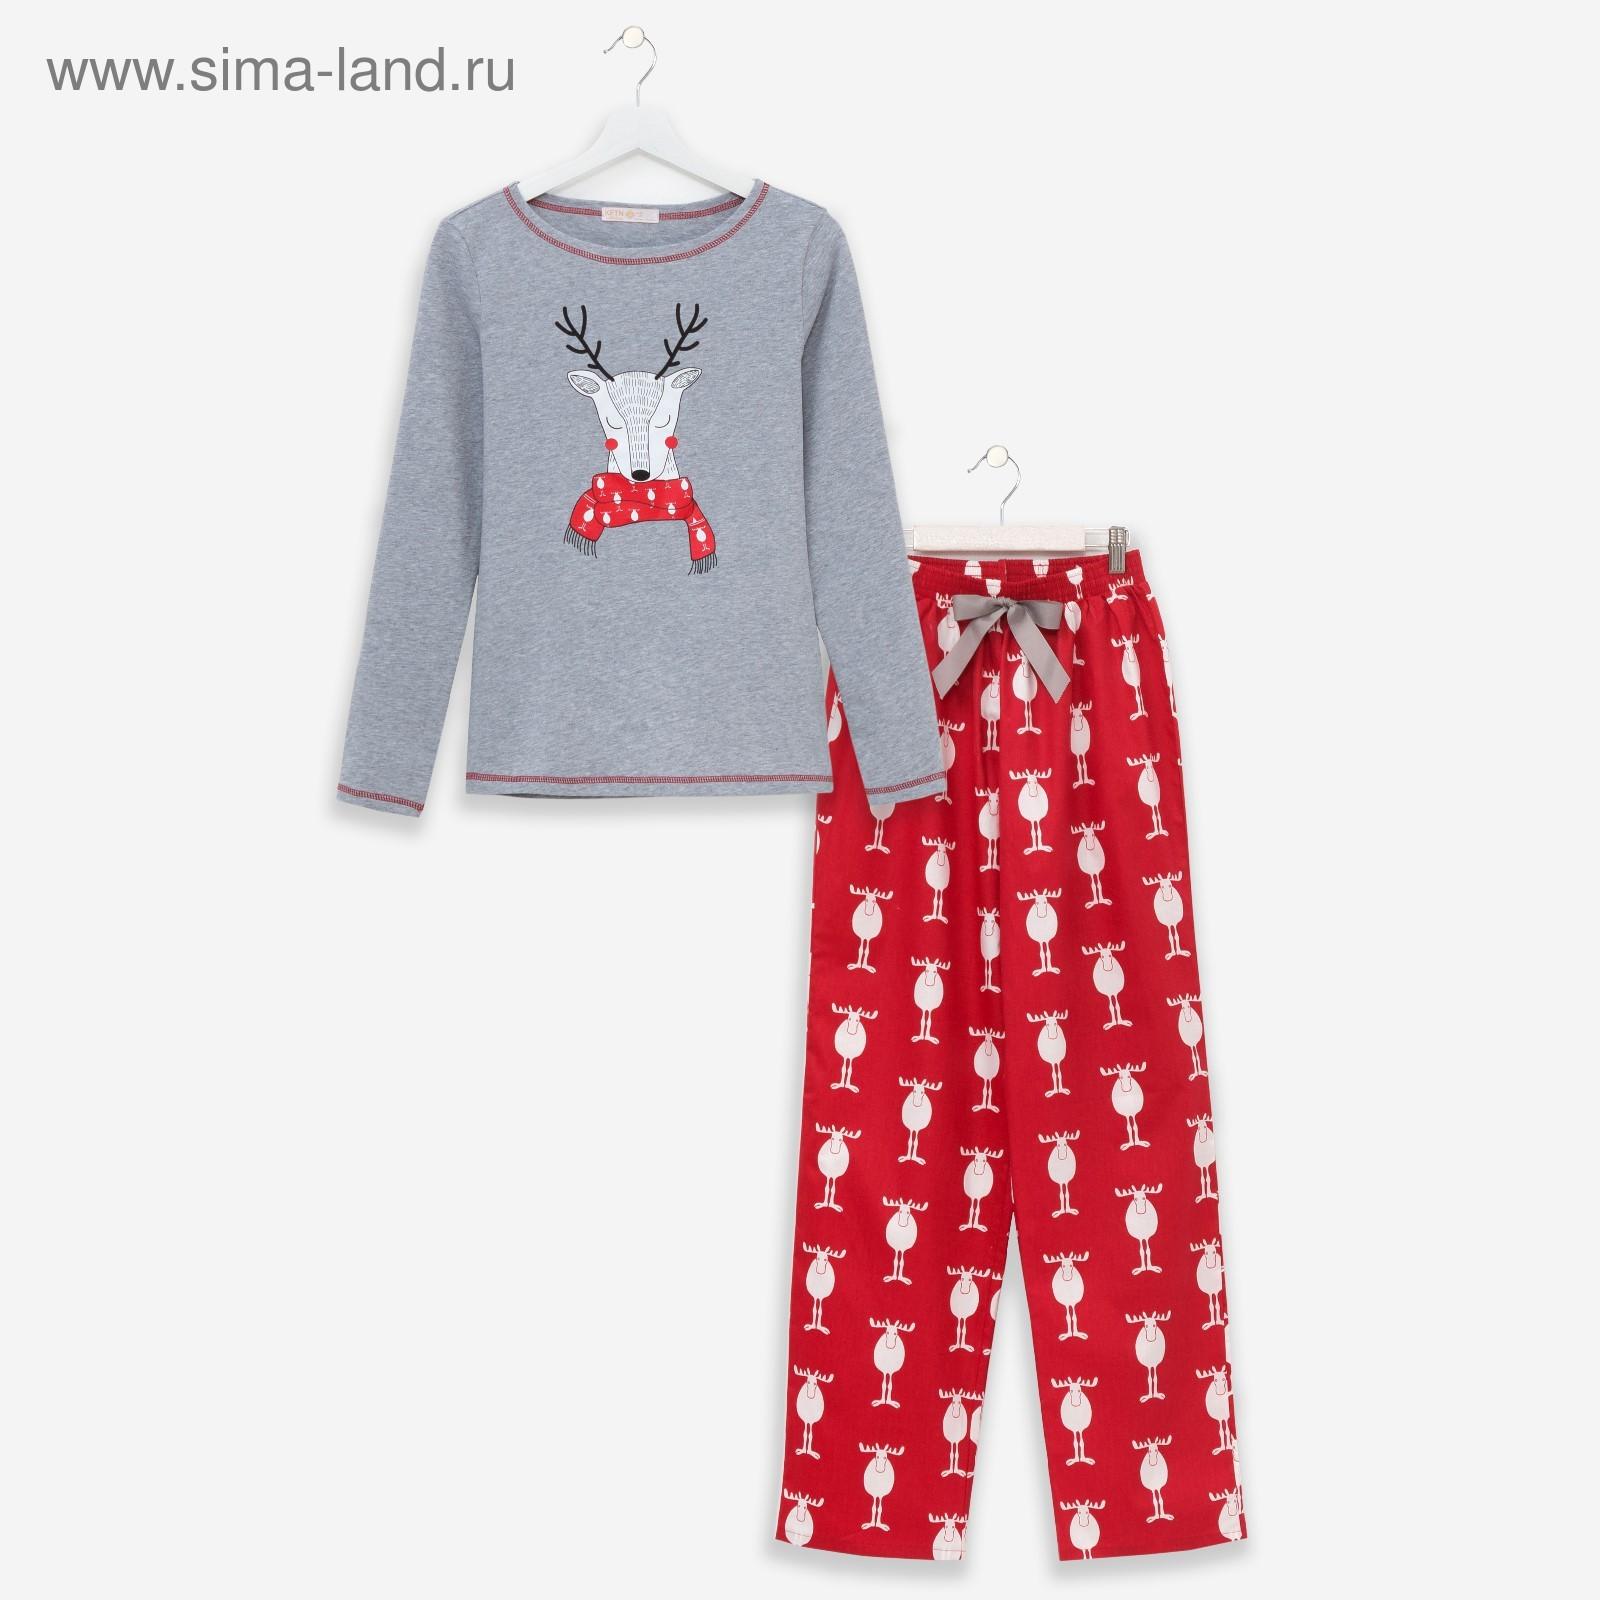 c368cee13dc49 Пижама женская KAFTAN «Новогодняя», размер 44–46 (3596859) - Купить ...